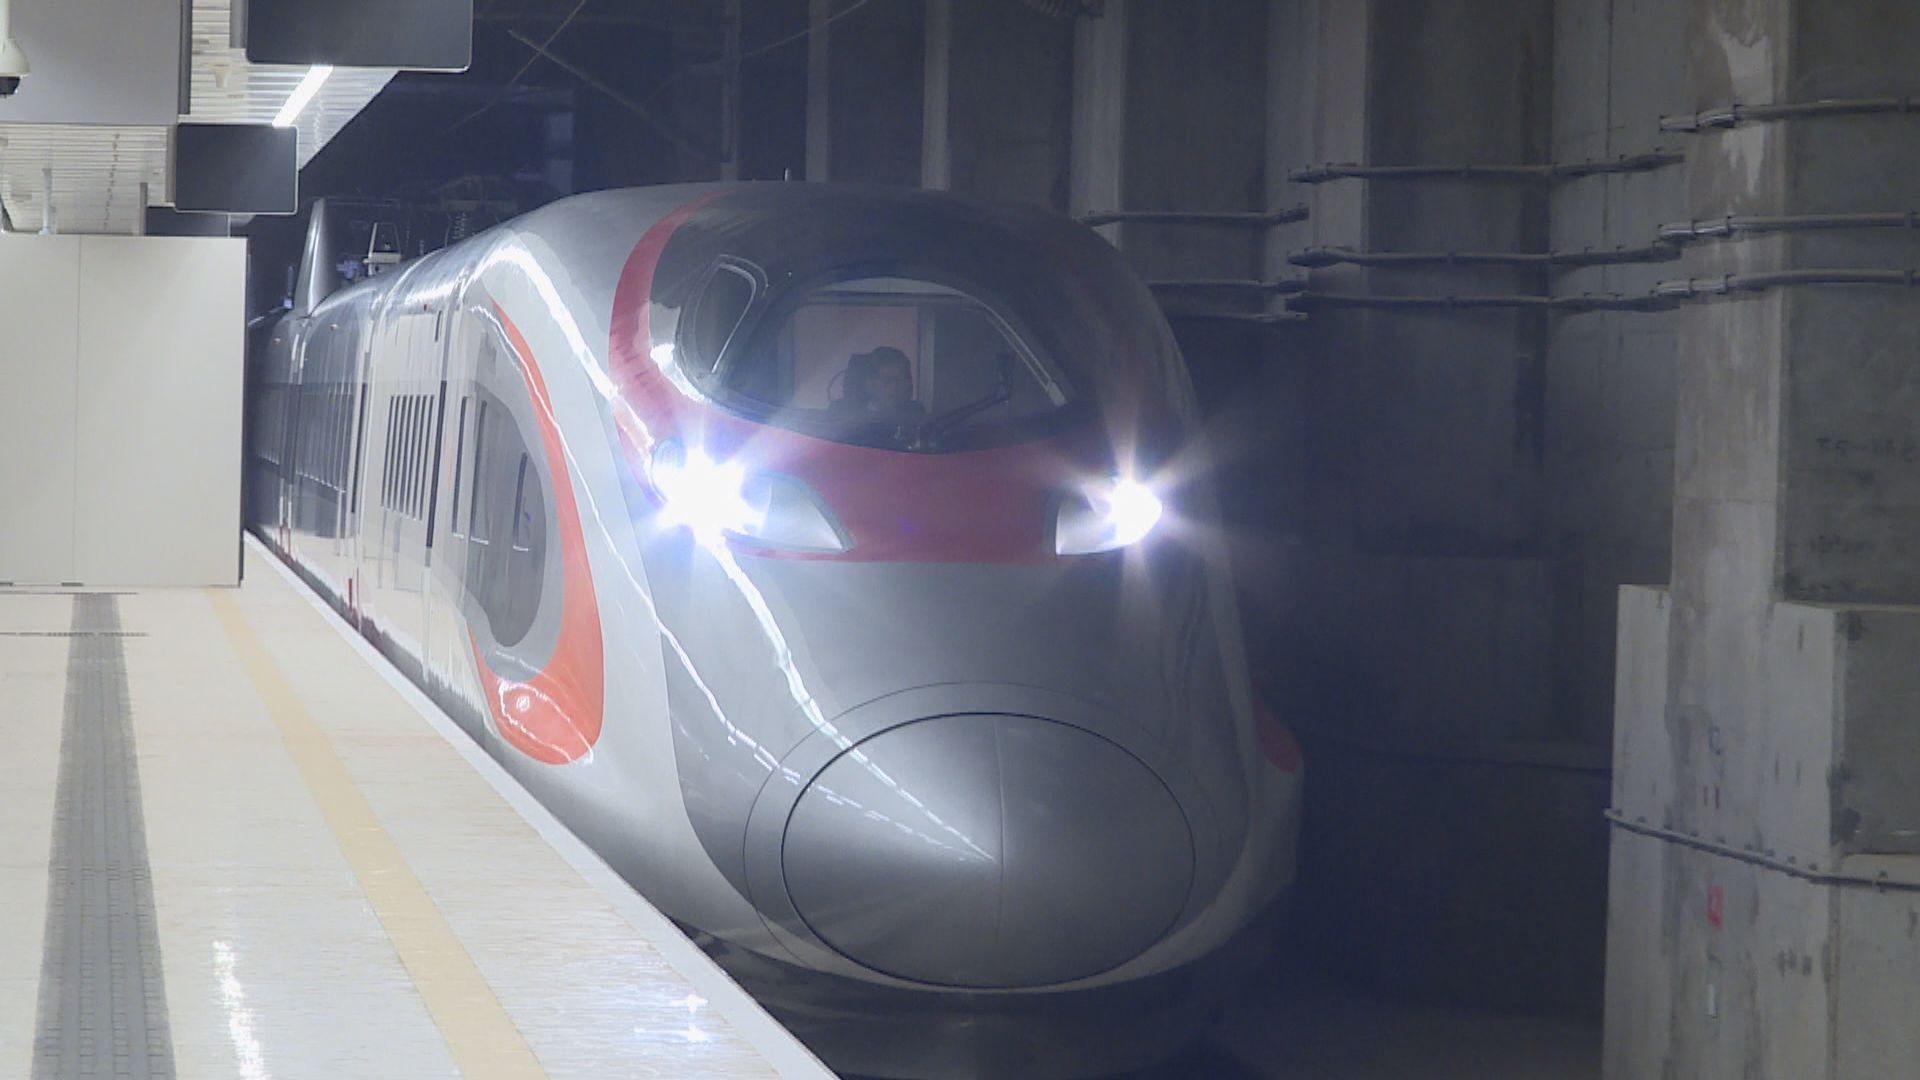 【經緯線本周提要】高鐵通車 香港成內地人生活圈